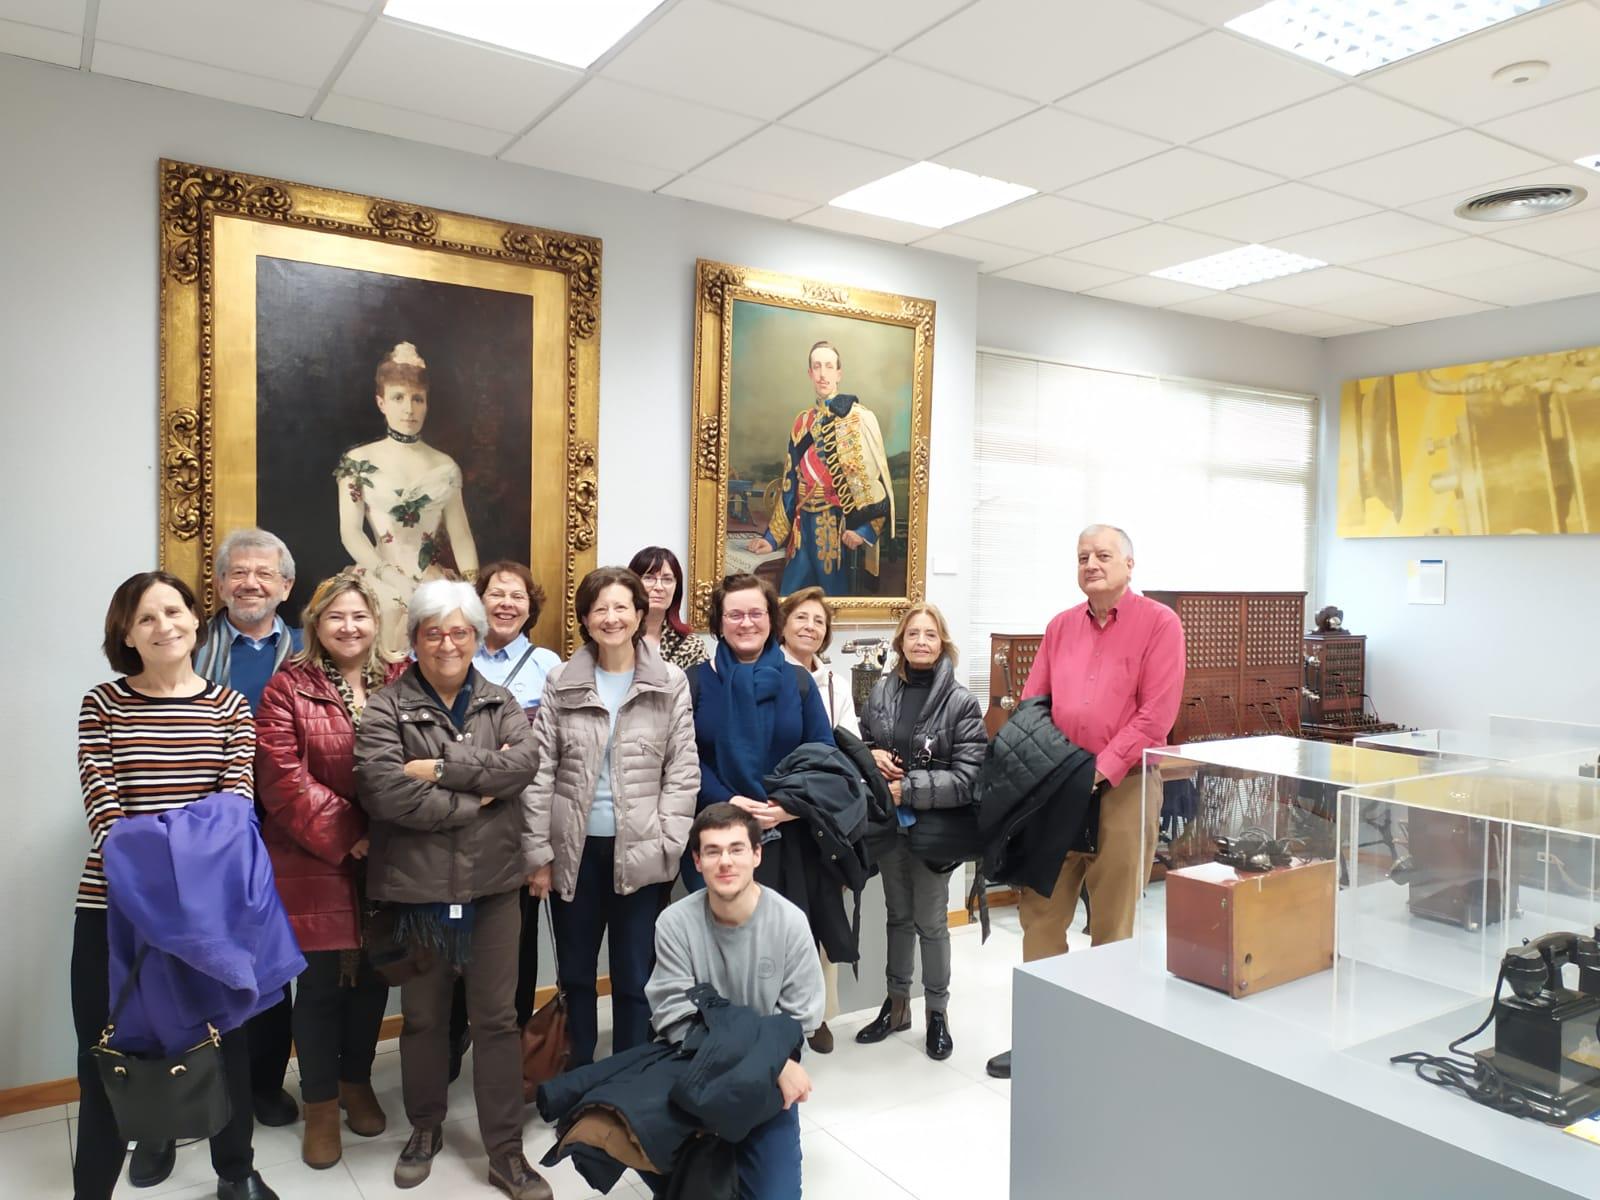 Centro cultural Clara del Rey